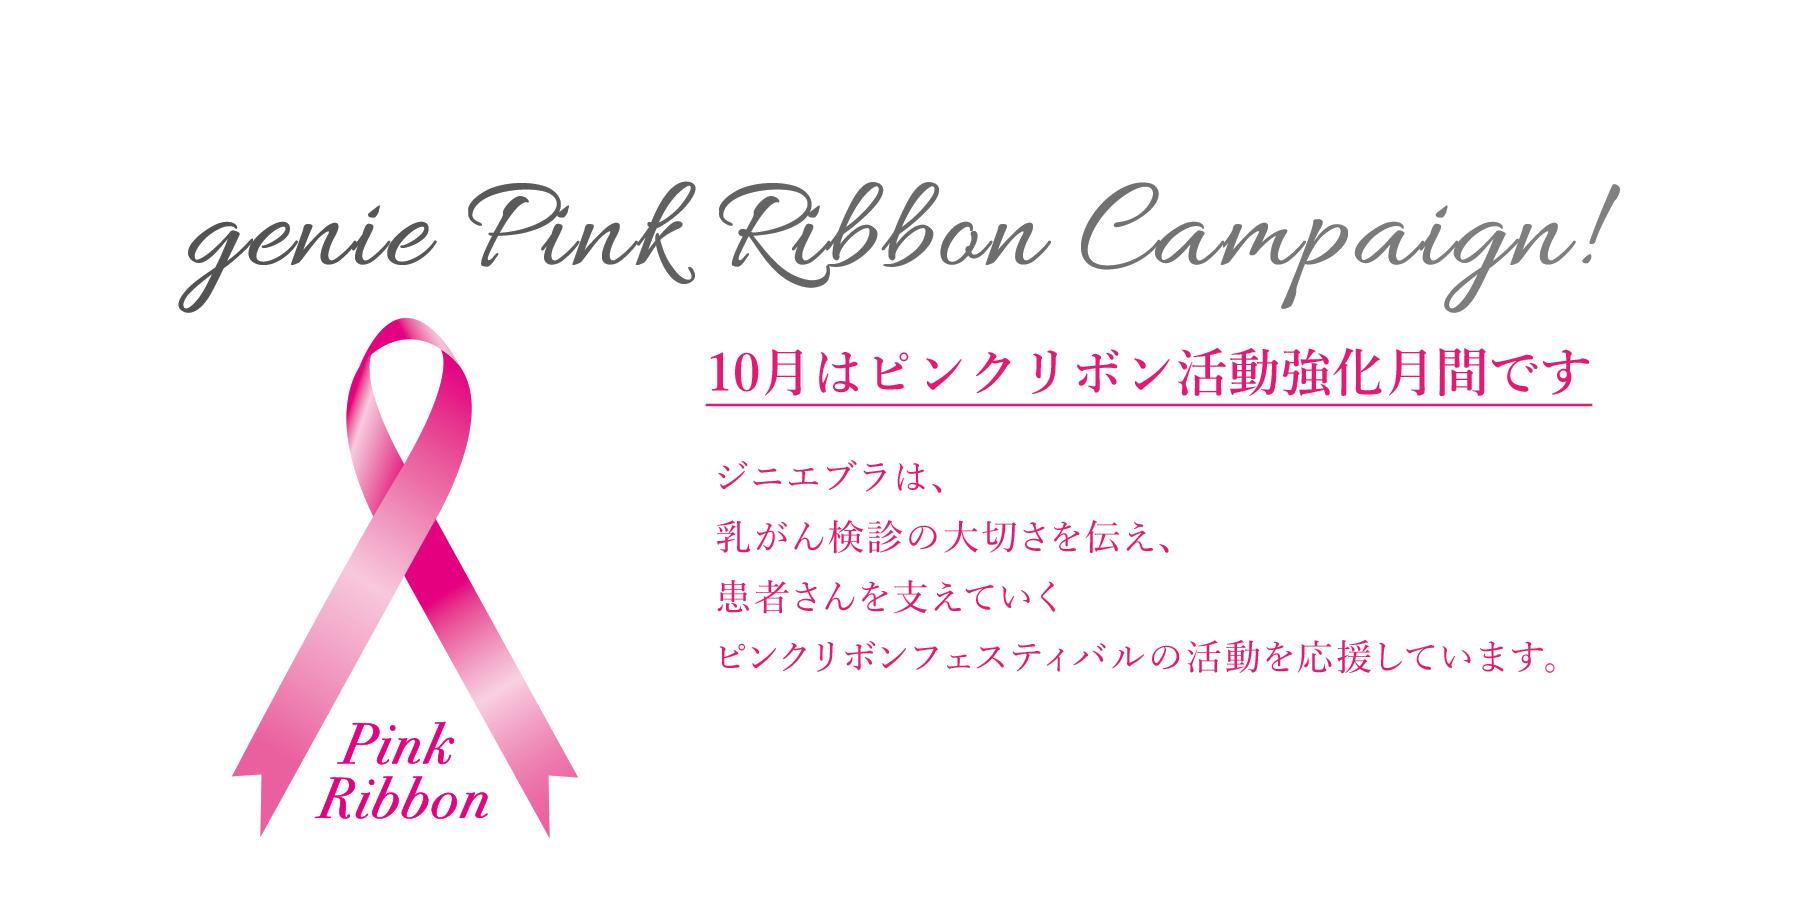 genie Pink Ribbon Campaign!(ジニエ ピンクリボンキャンペーン) 10月はピンクリボン活動強化月間です | ジニエブラは、乳がん検診の大切さを伝え、患者さんを支えていくピンクリボンフェスティバルの活動を応援しています。